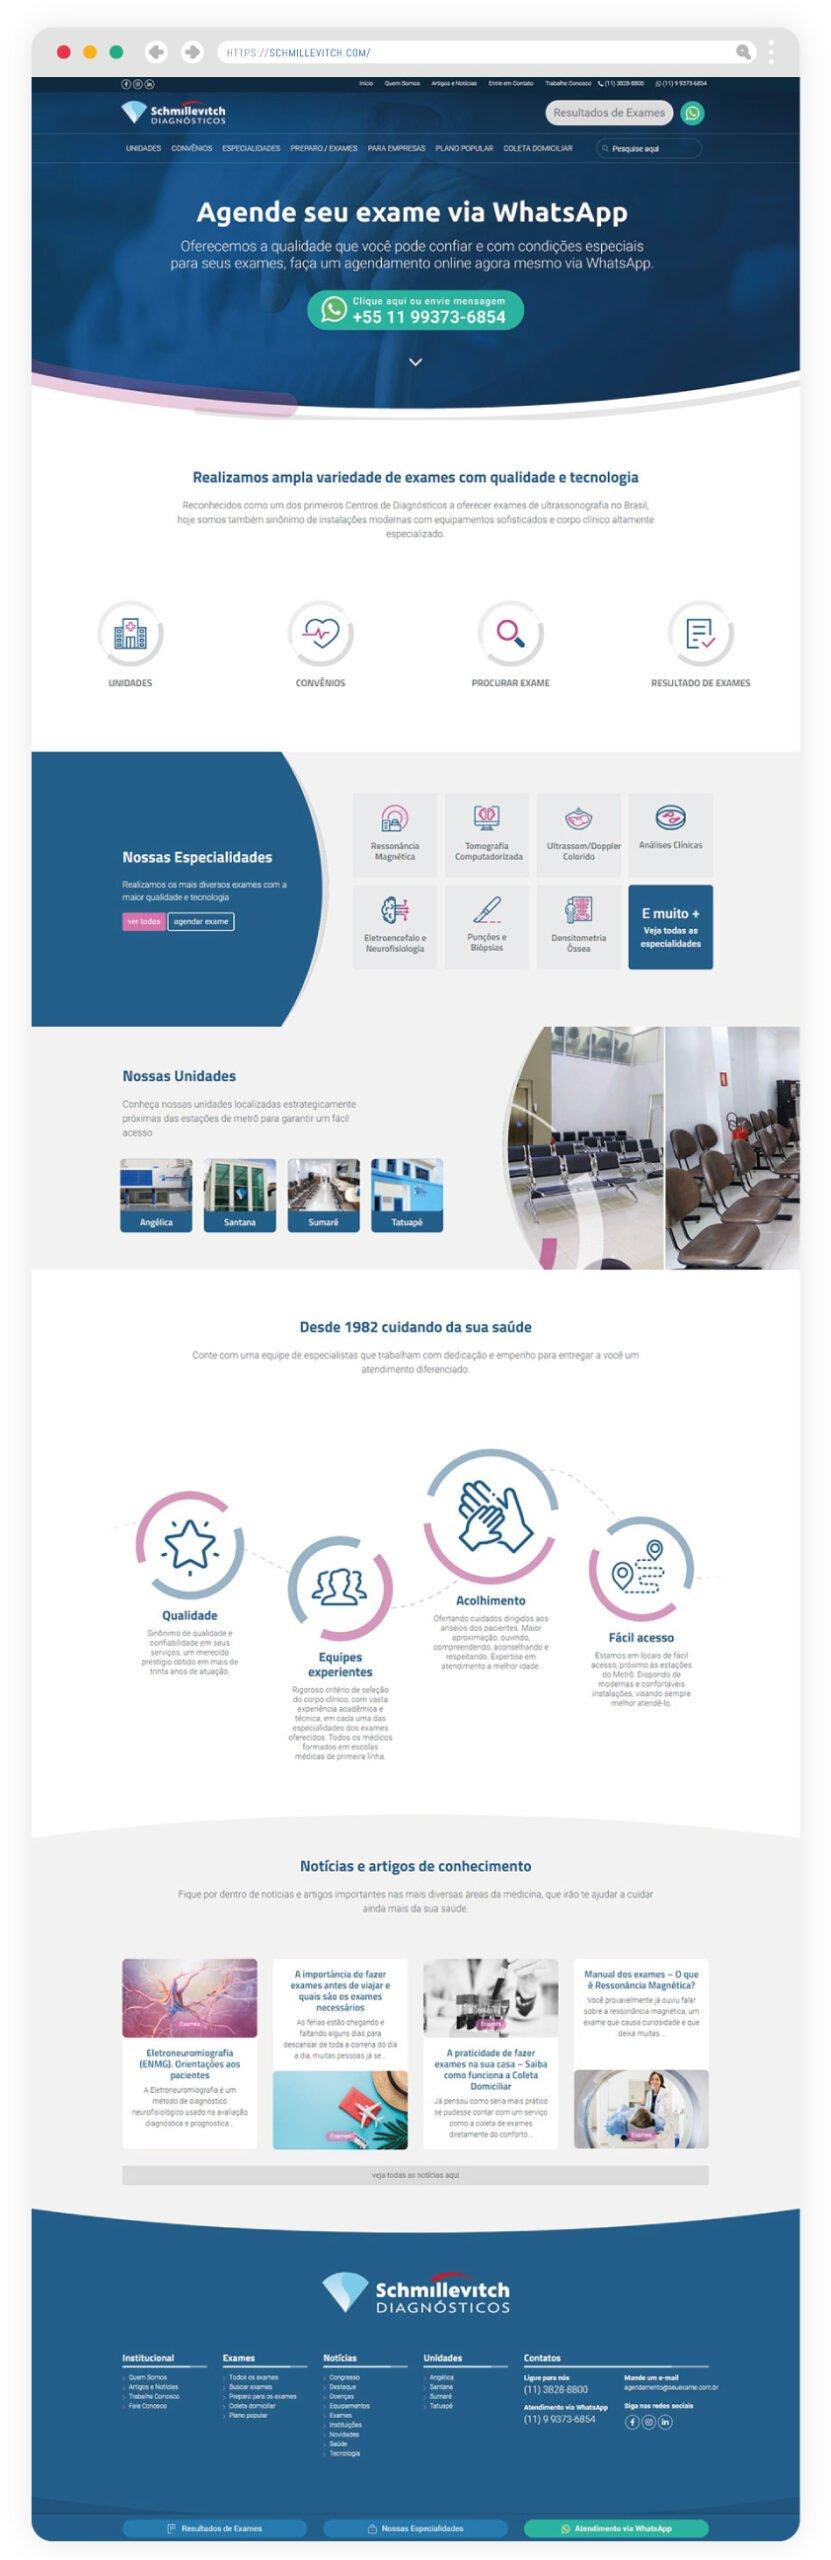 Site exclusivo, com layout moderno e inspirado na identidade visual do laboratório de diagnósticos Schmillevitch